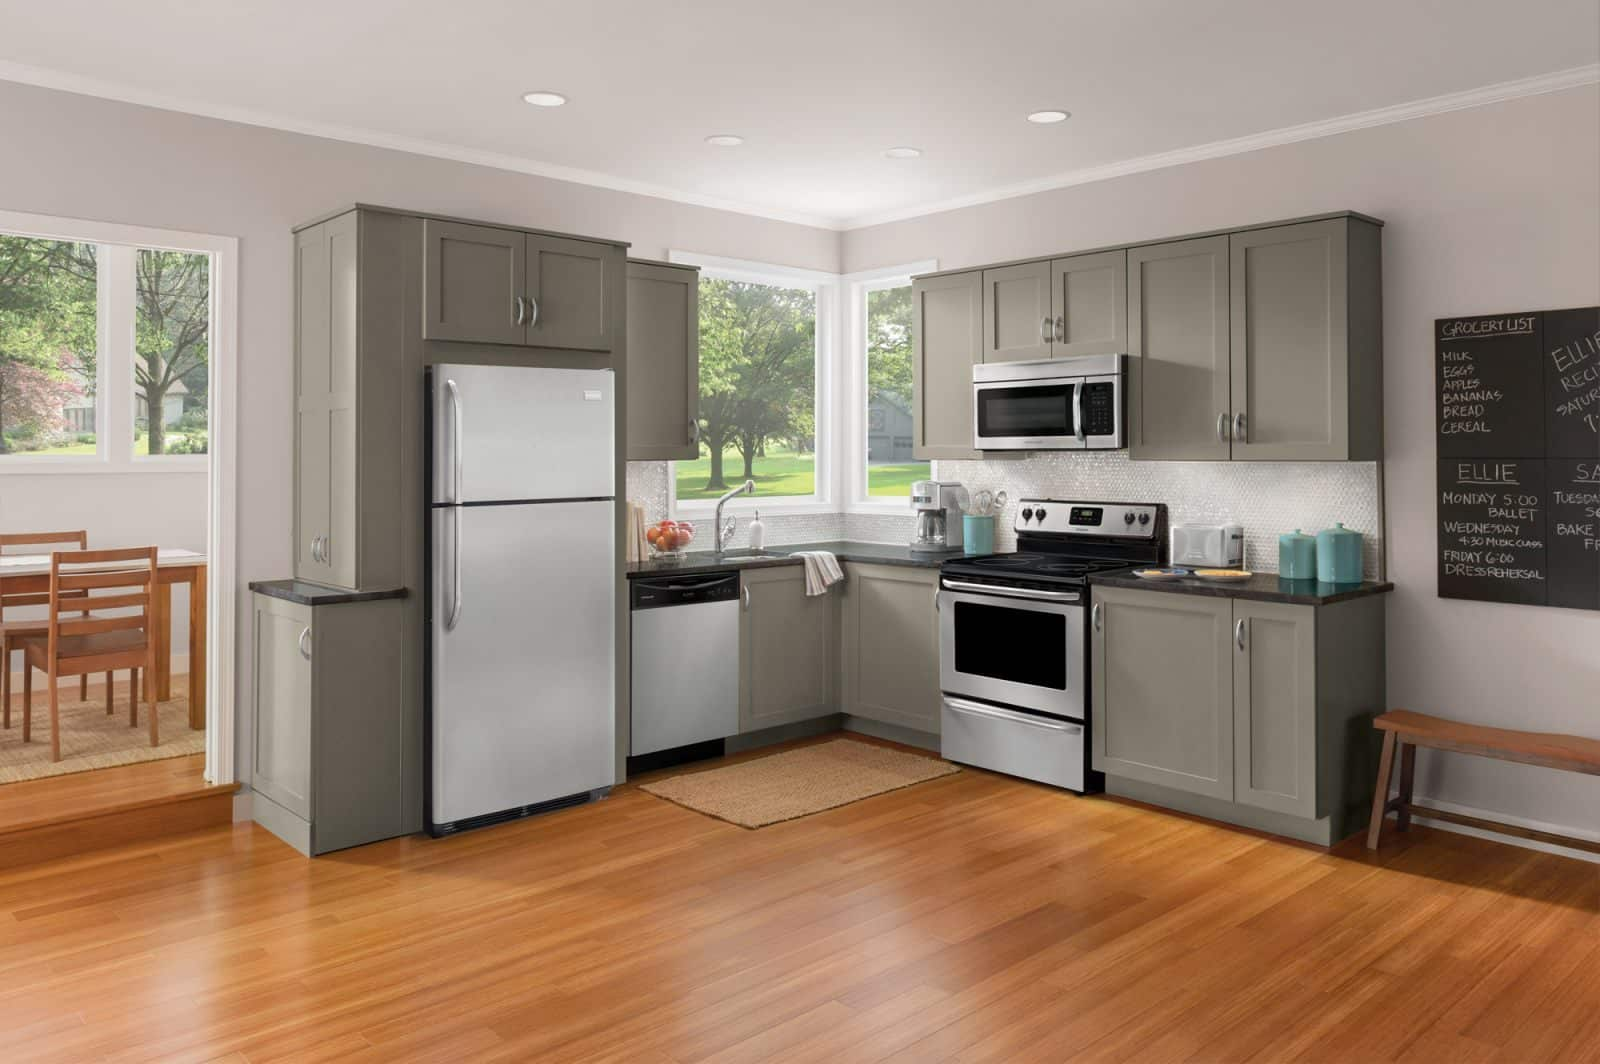 Los electrodom sticos que toda cocina necesita muebles for Precio electrodomesticos cocina